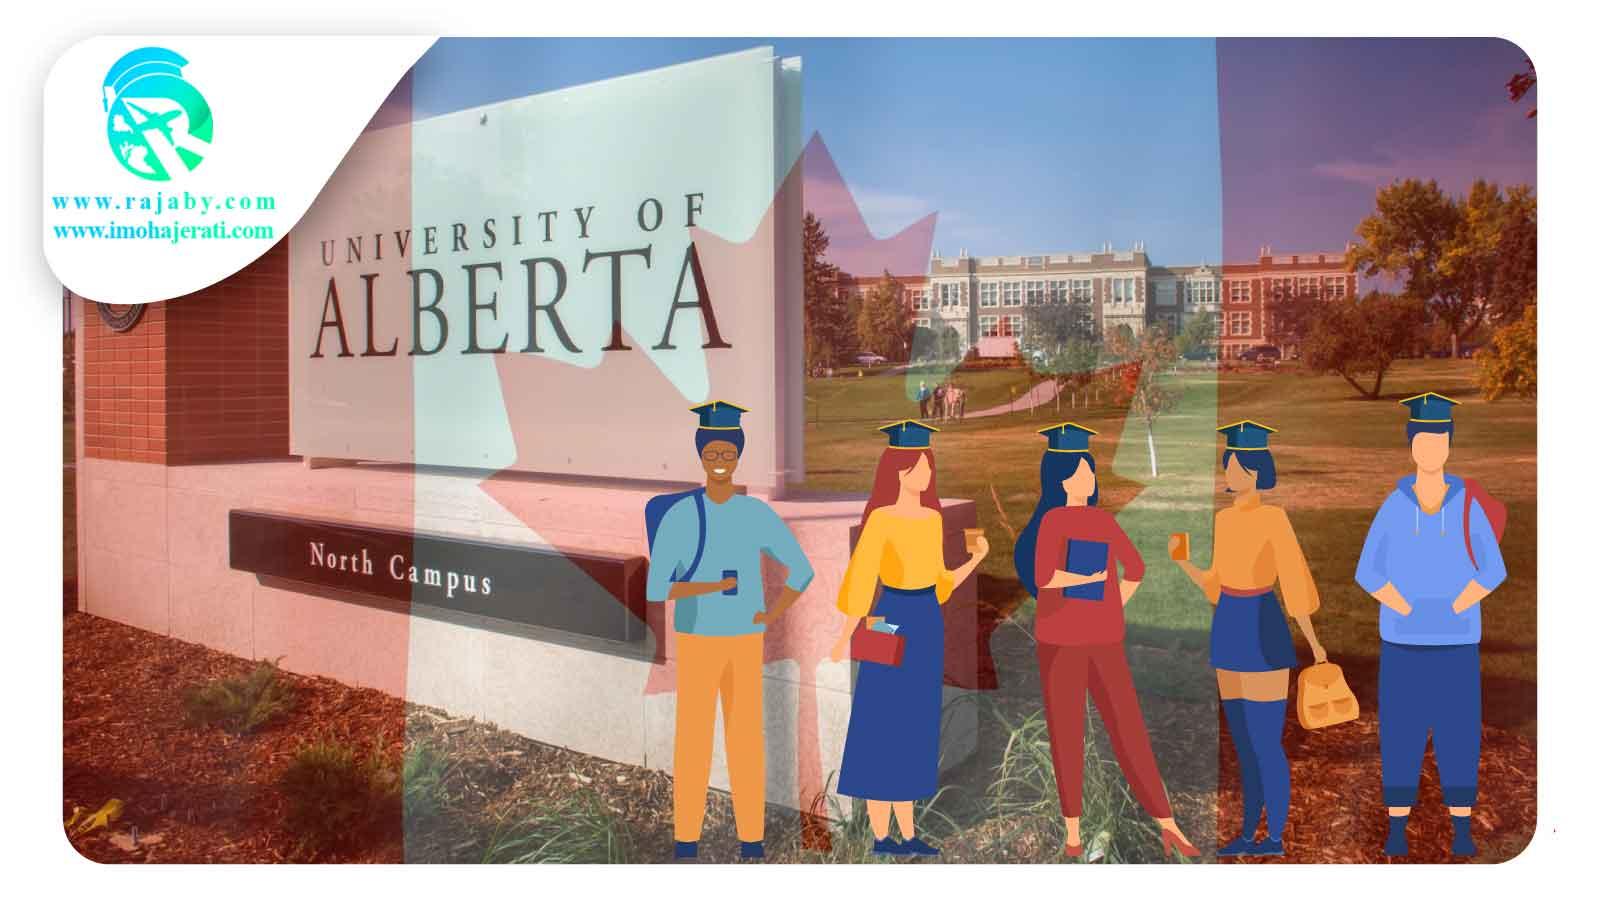 تحصیل در دانشگاه آلبرتا Alberta کانادا